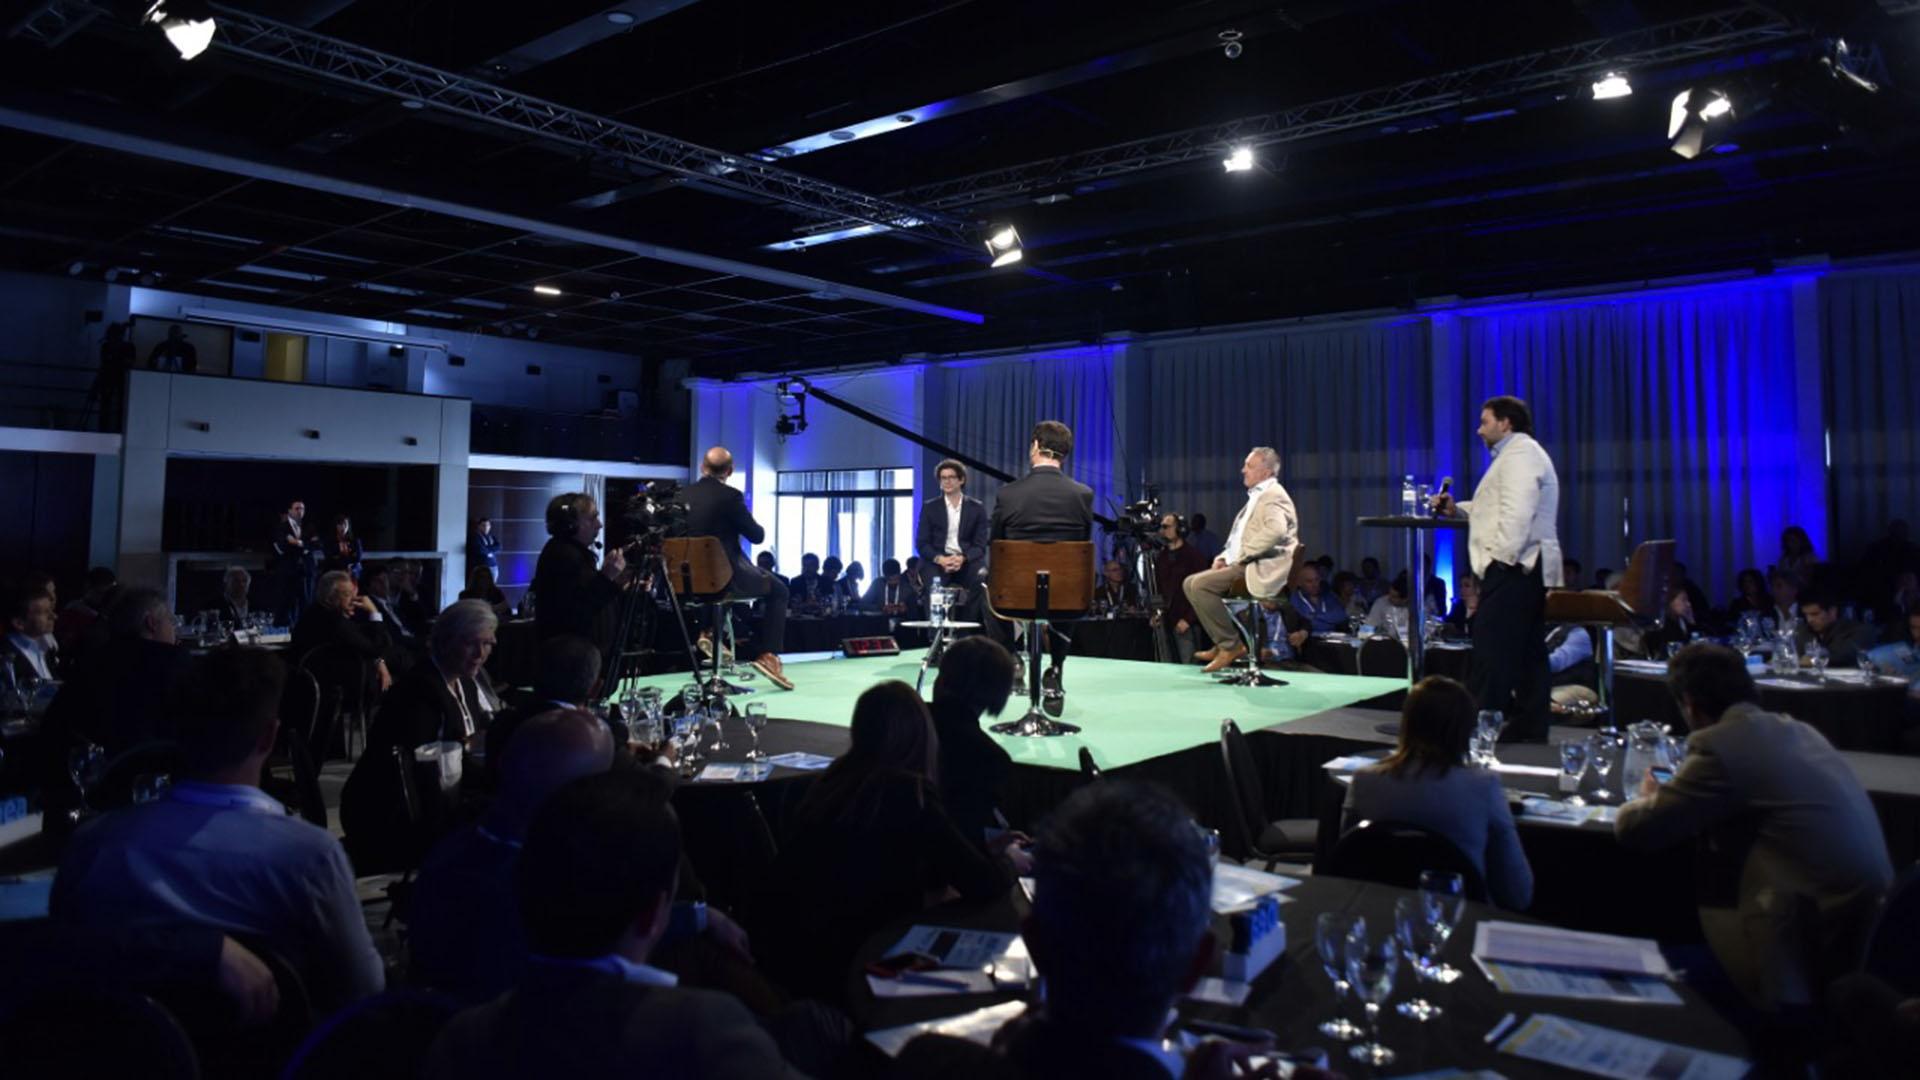 El evento IDEA Pyme fue realizado esta semana en la ciudad de Buenos Aires, en Costa Salguero.